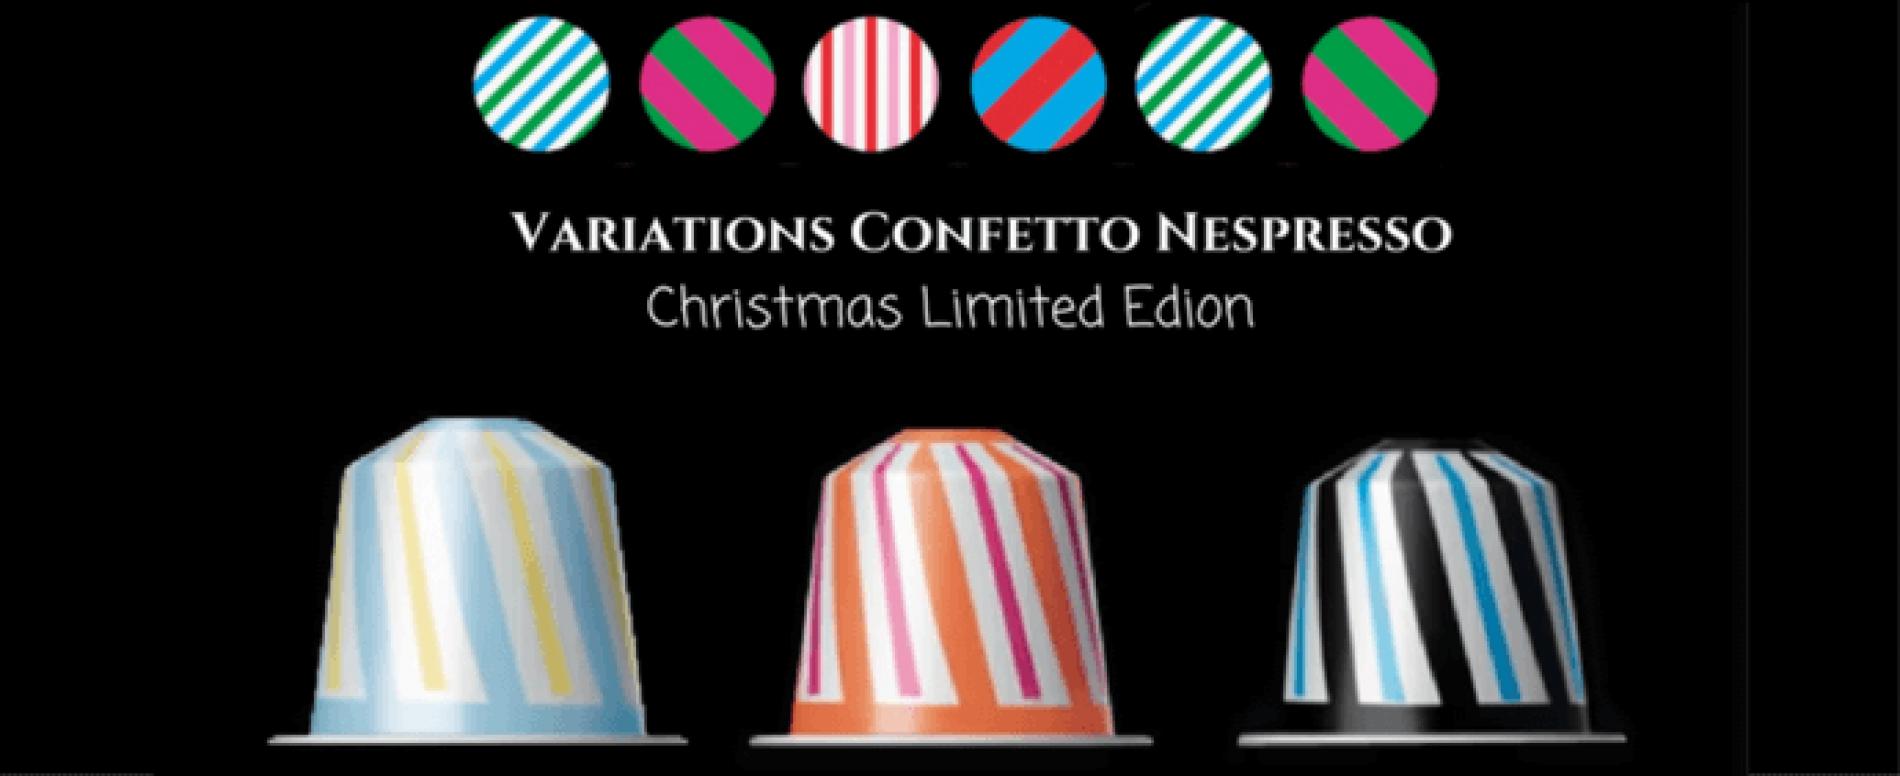 Nespresso è pronta per Natale con la Confetto limited edition